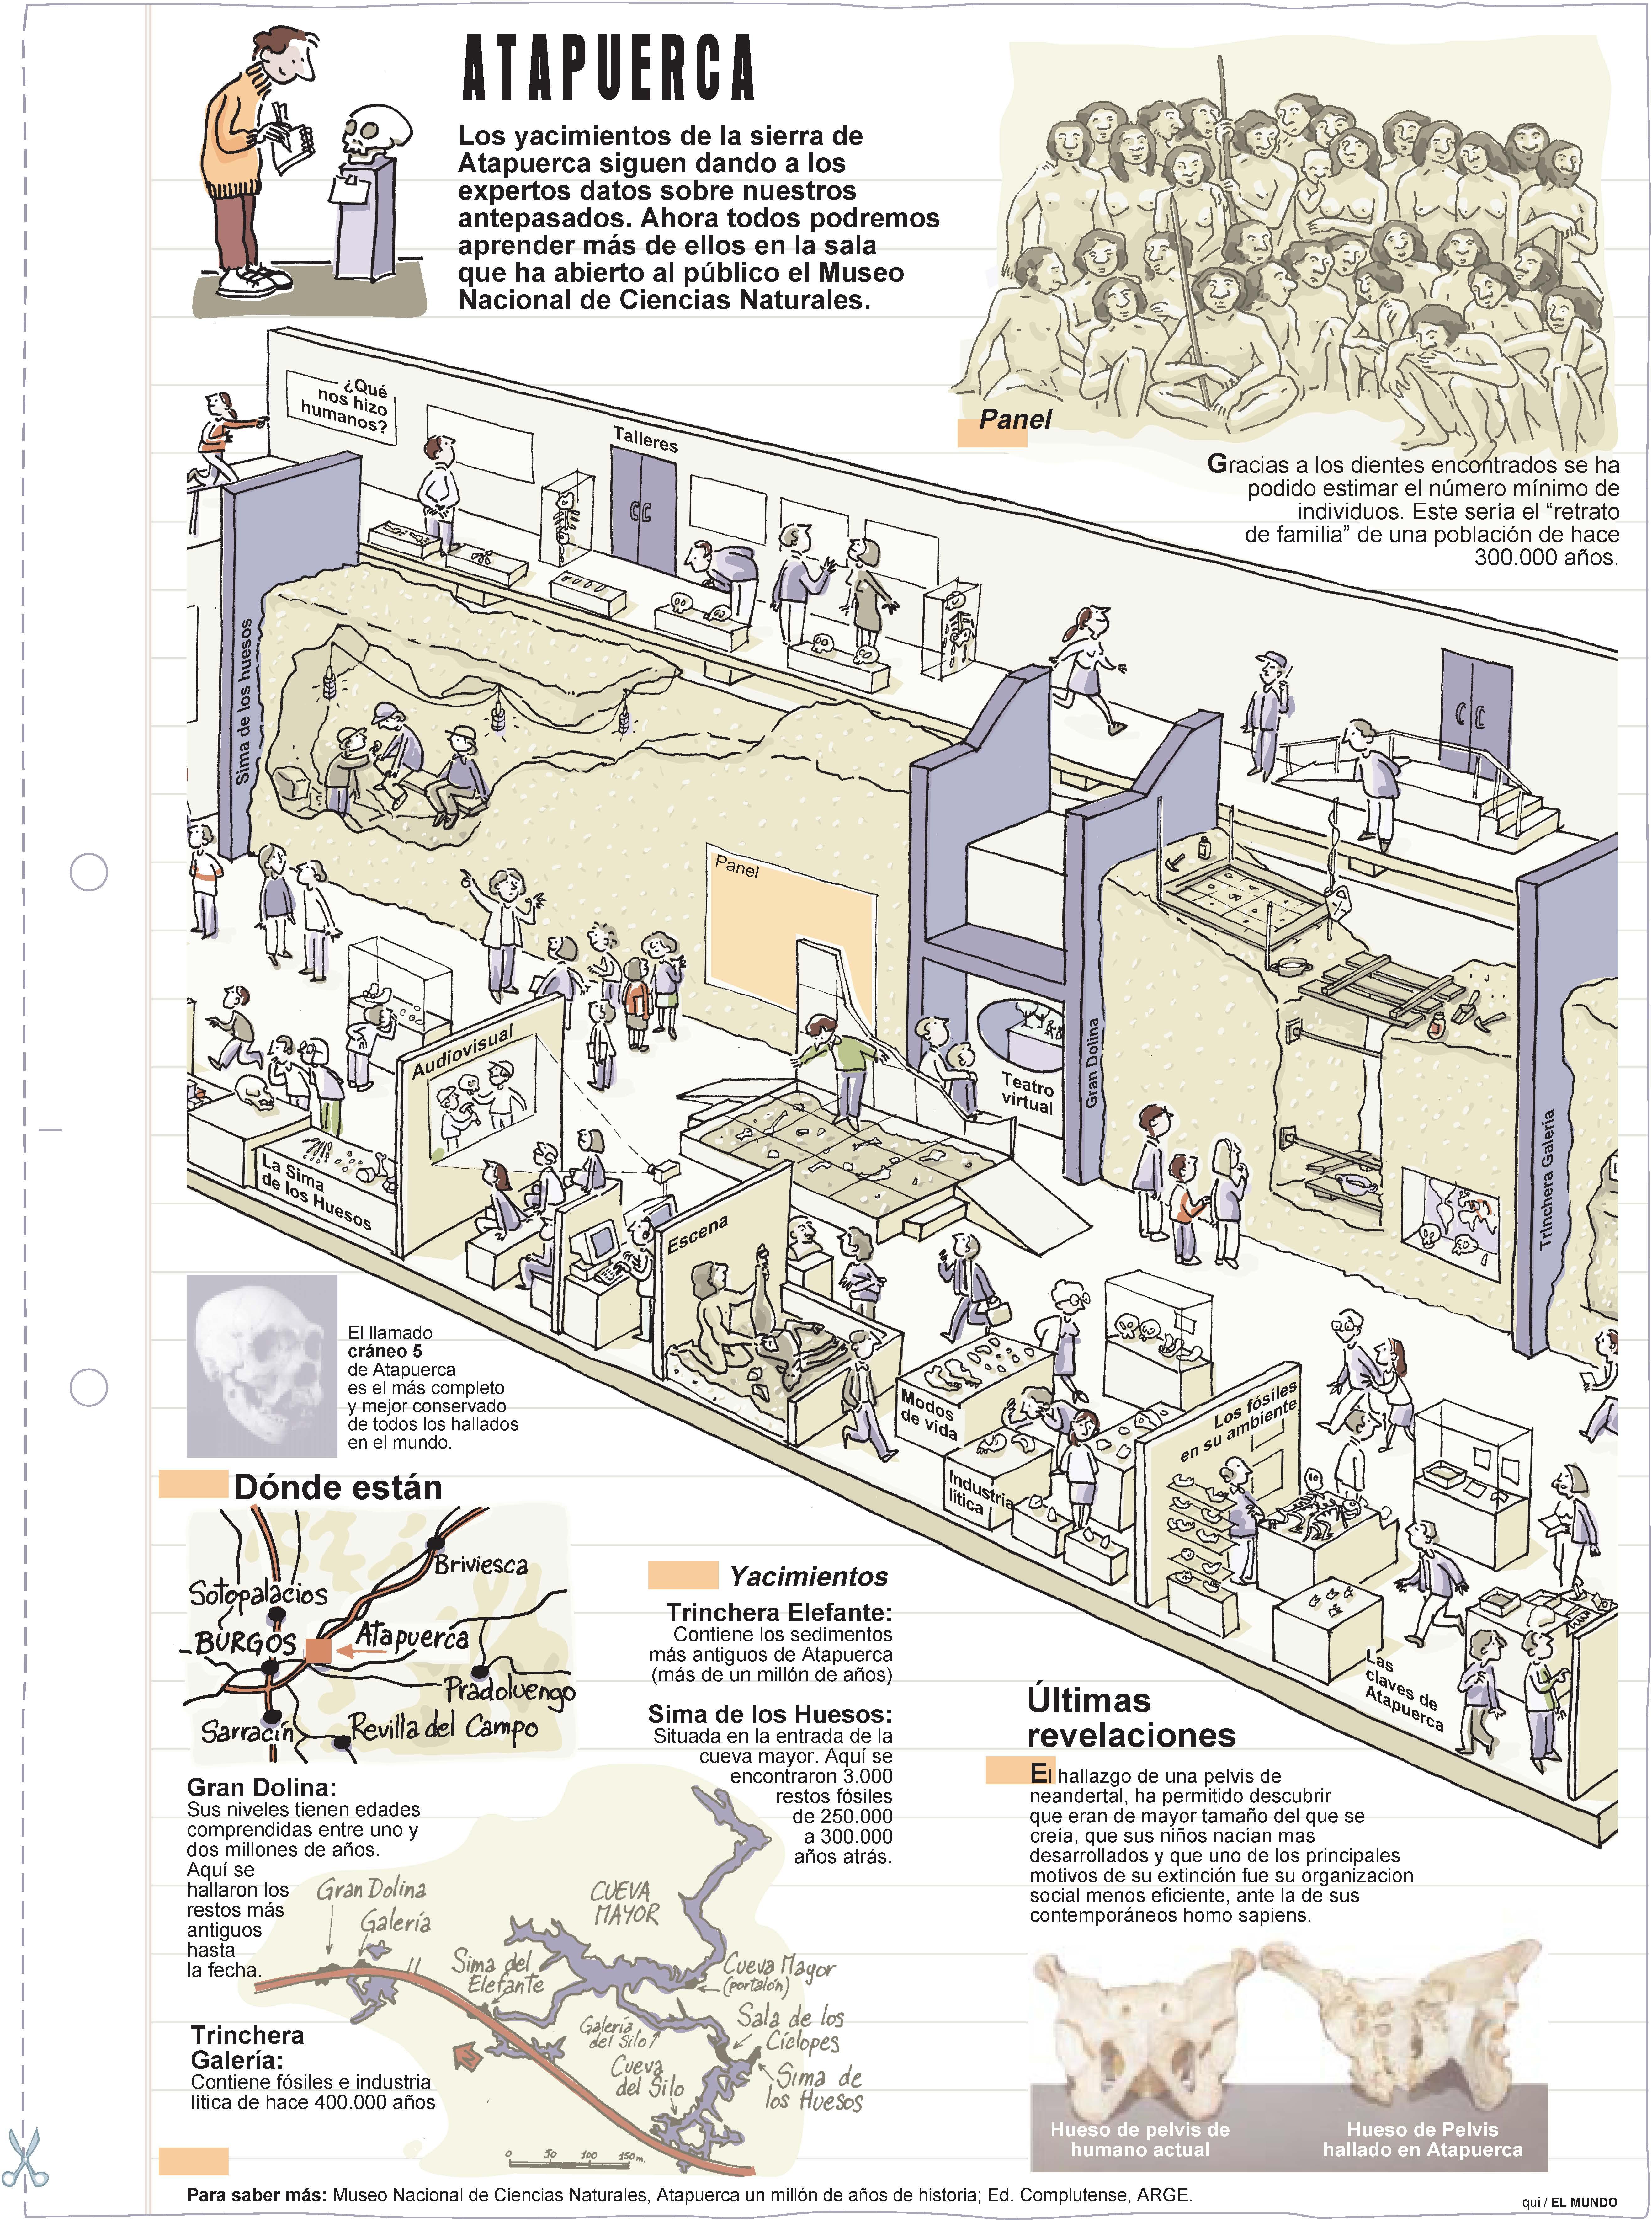 Atapuerca. Láminas de El Mundo